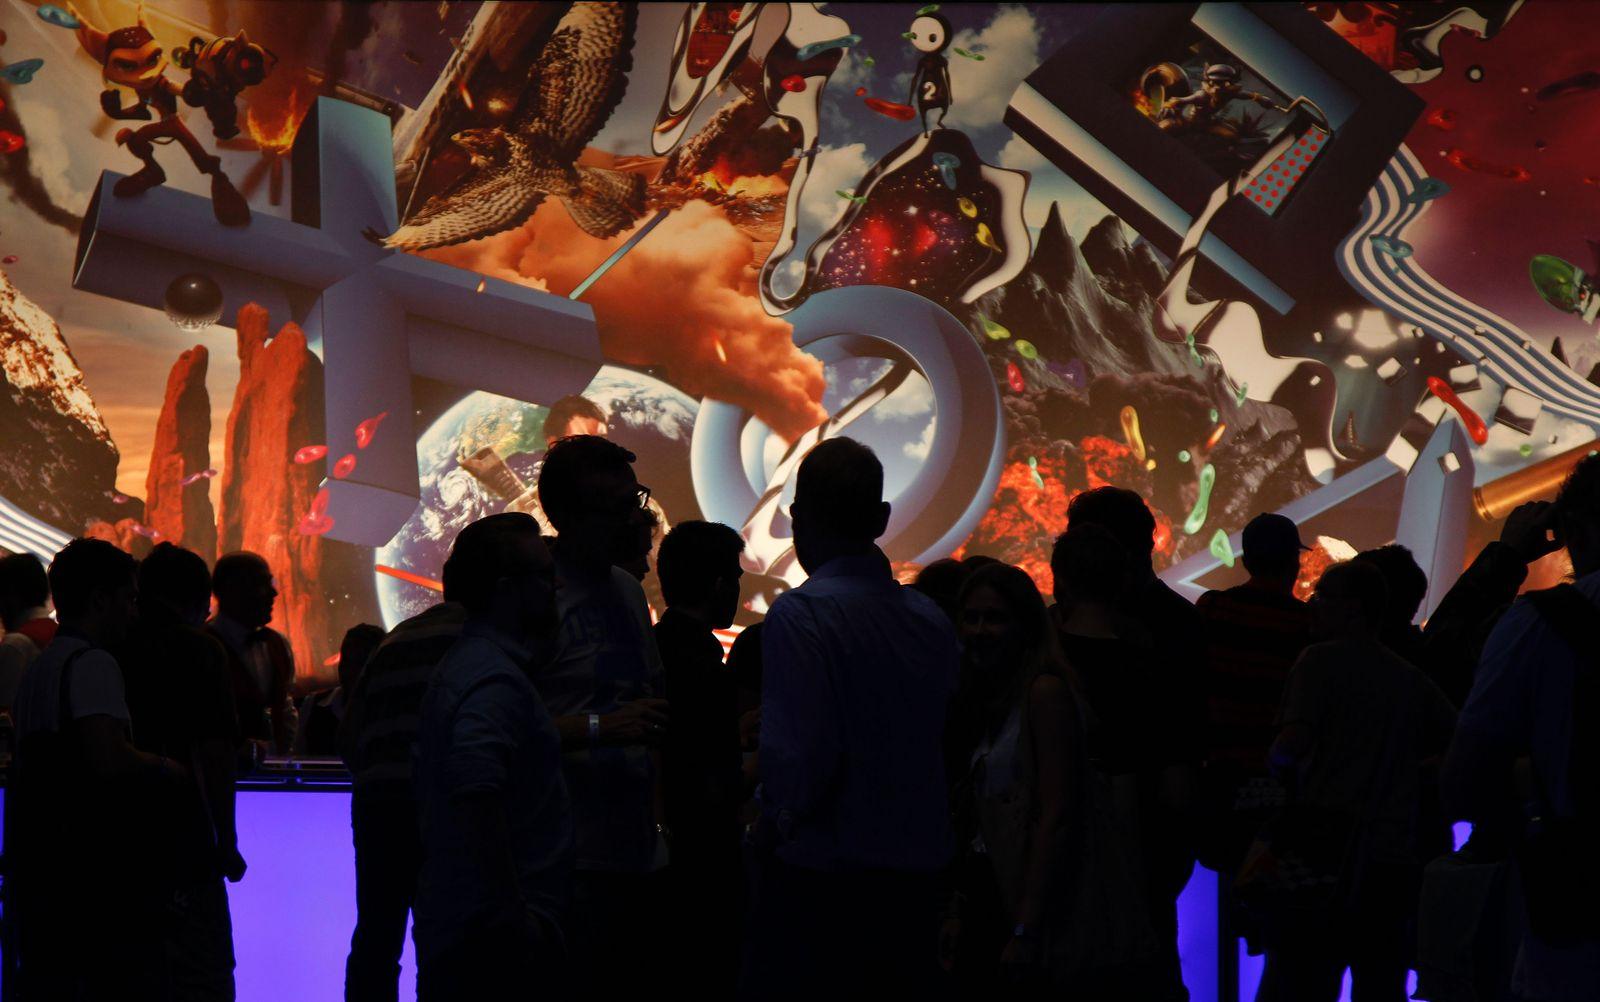 NICHT VERWENDEN Gamescom Köln / Games Convention